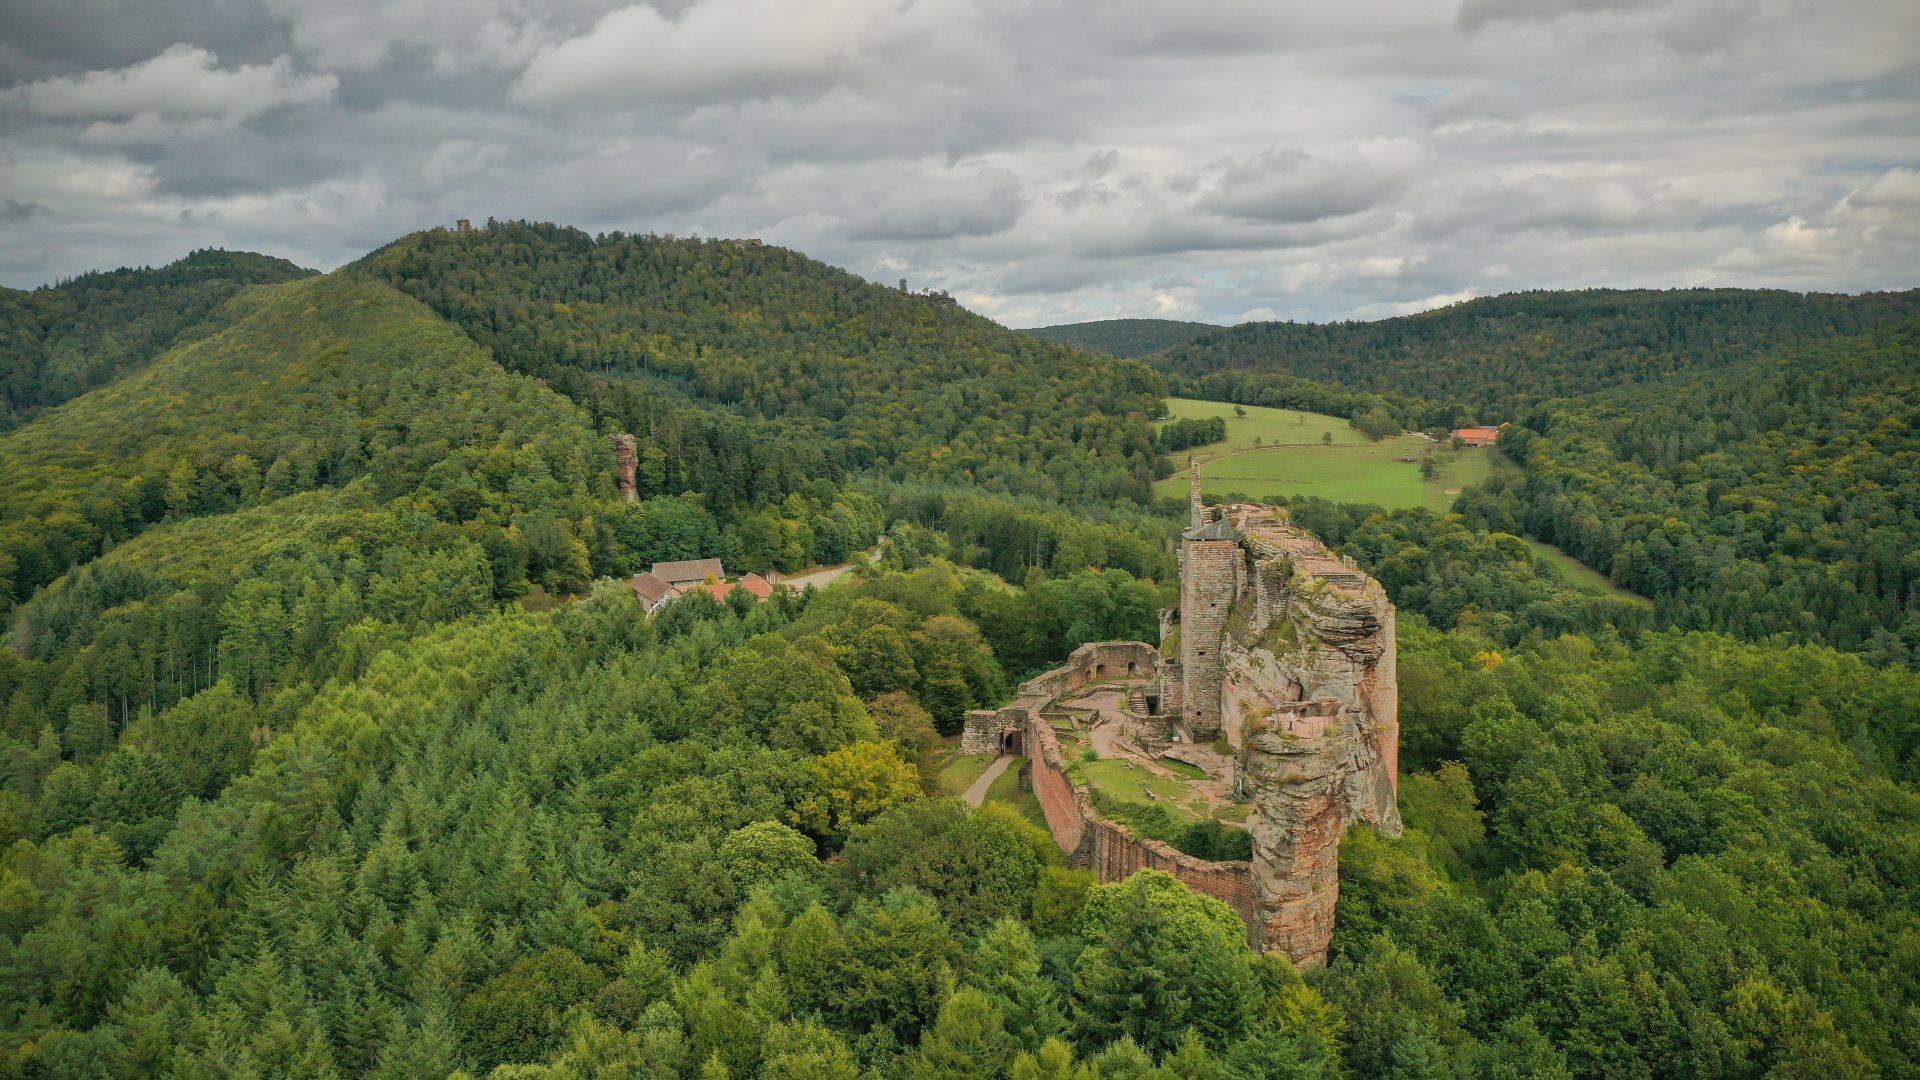 Le château de Fleckenstein, au milieu des forêts des Vosges du Nord